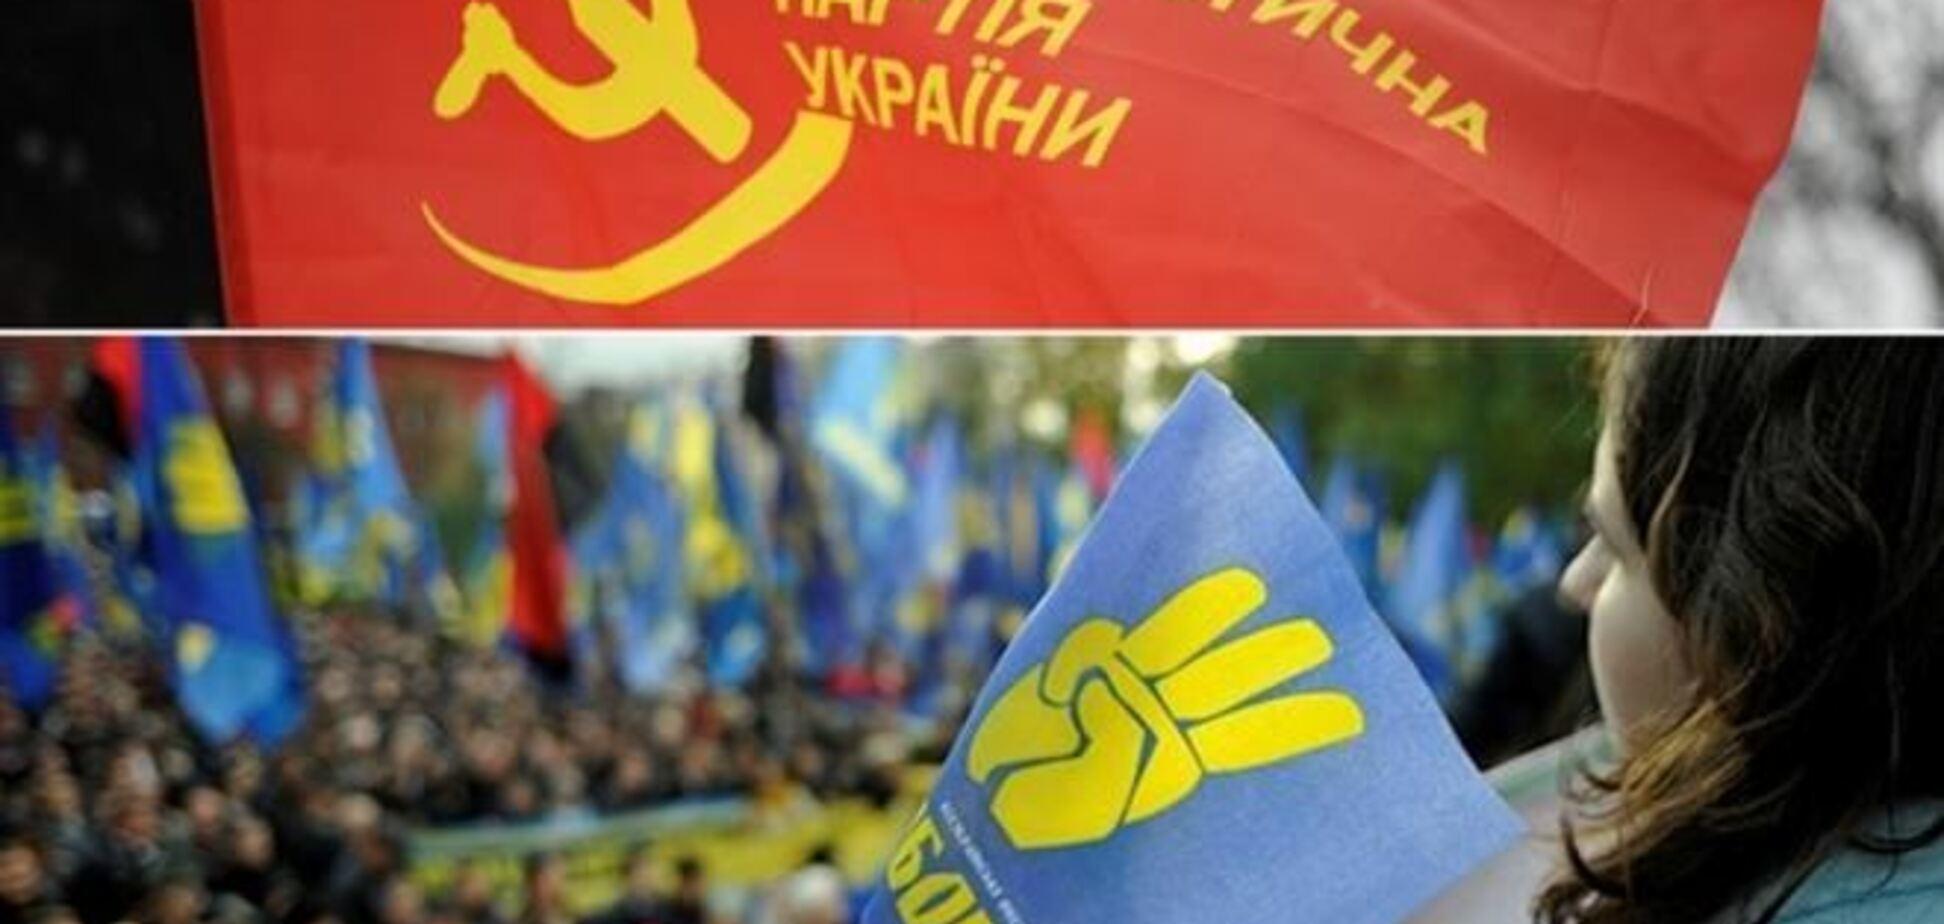 Свободовцев и коммуниста задержали в Днепропетровске во время акции по референдуму